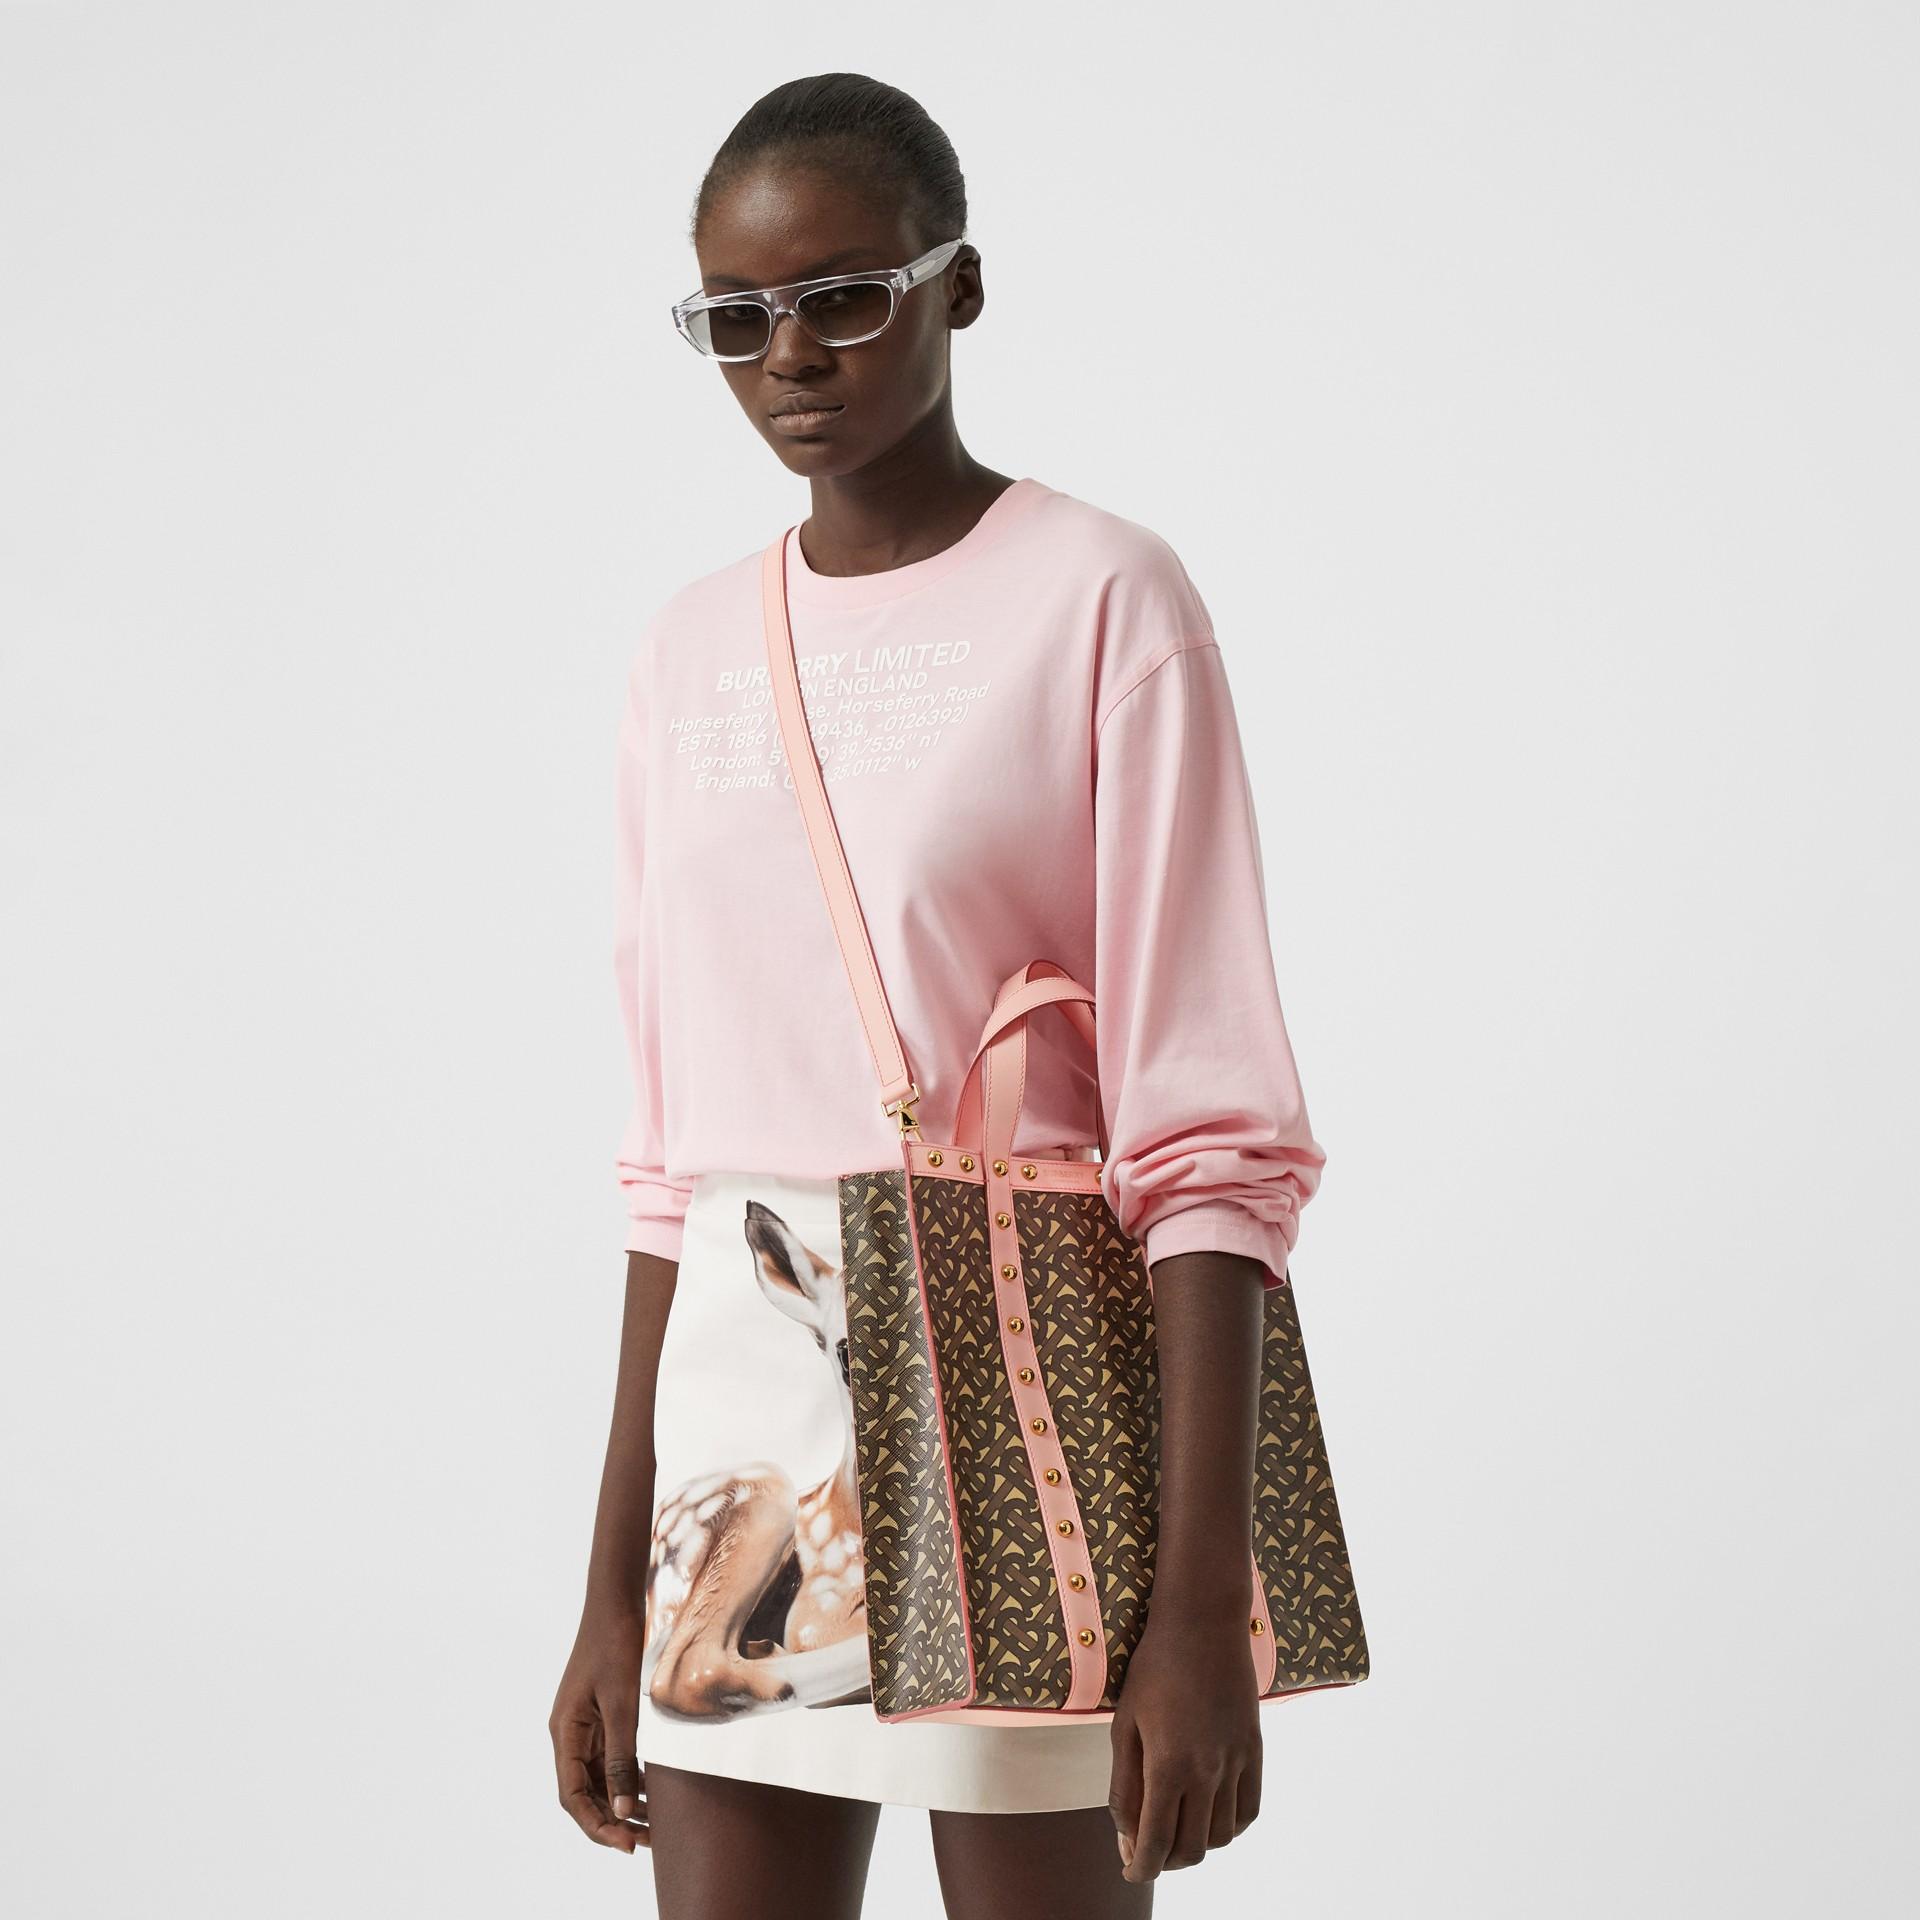 小型花押字印花環保帆布直式托特包 (雲粉紅) - 女款 | Burberry - 圖庫照片 2